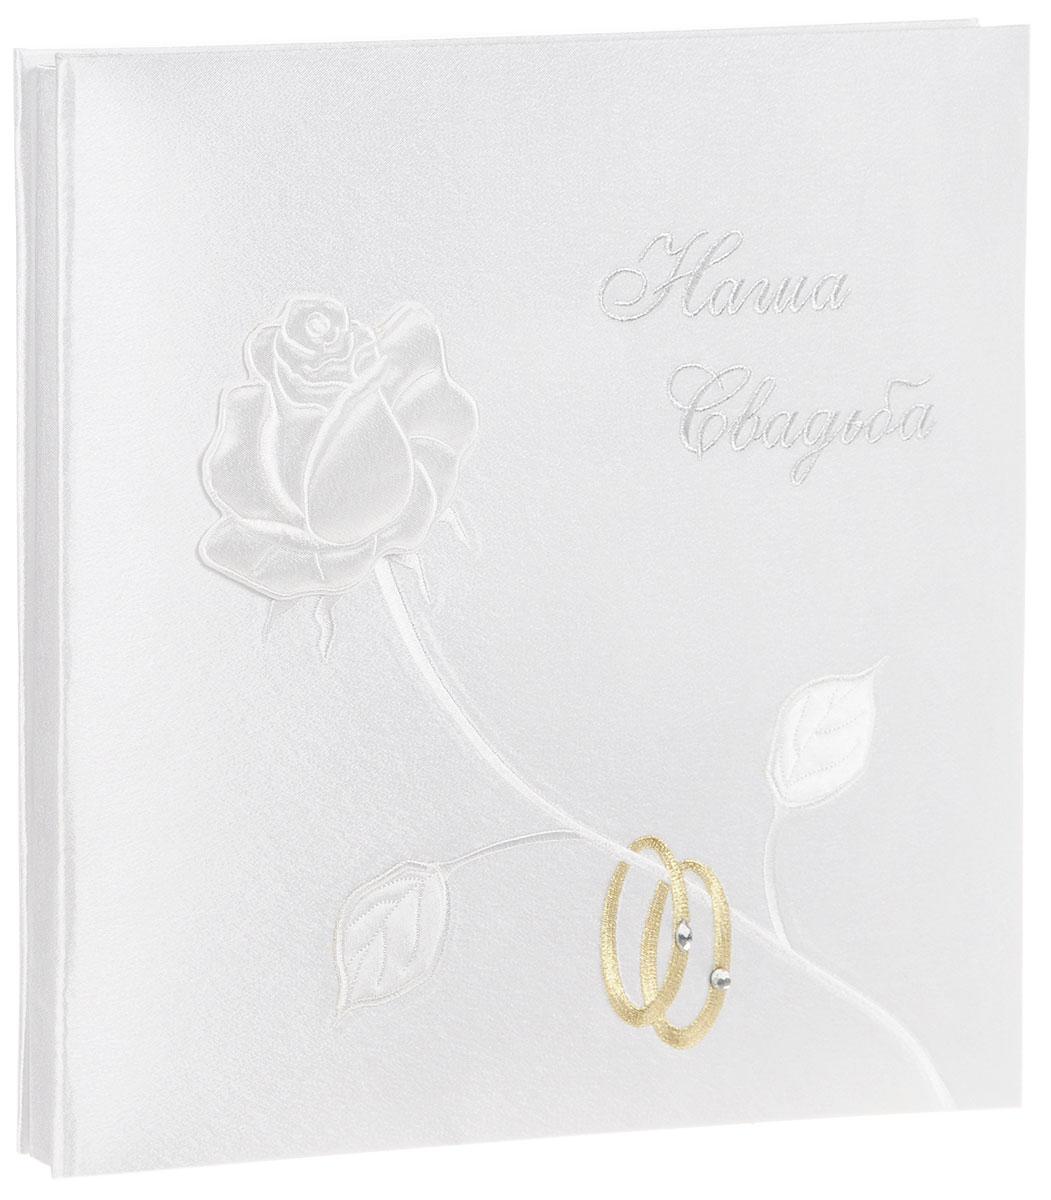 Фотоальбом Bianco Sole Свадебный, ручная работа, на 20 фотографий 26,5 см х 30,5 см. 139306139306Фотоальбом Bianco Sole Свадебный, рассчитанный на 20 фотографий форматом 26,5 см х 30,5 см, послужит прекрасным подарком для новобрачных. Особенность данного альбома - эффектный дизайн, выполненный вручную. На обложке альбома объемная белая роза и обручальные кольца. Фотоальбом Bianco Sole Свадебный - достойный вариант для тех, кто любит красивые и практичные вещи. Размер альбома: 32 х 32 х 2 см. Размер фото: 26,5 х 30,5 см.